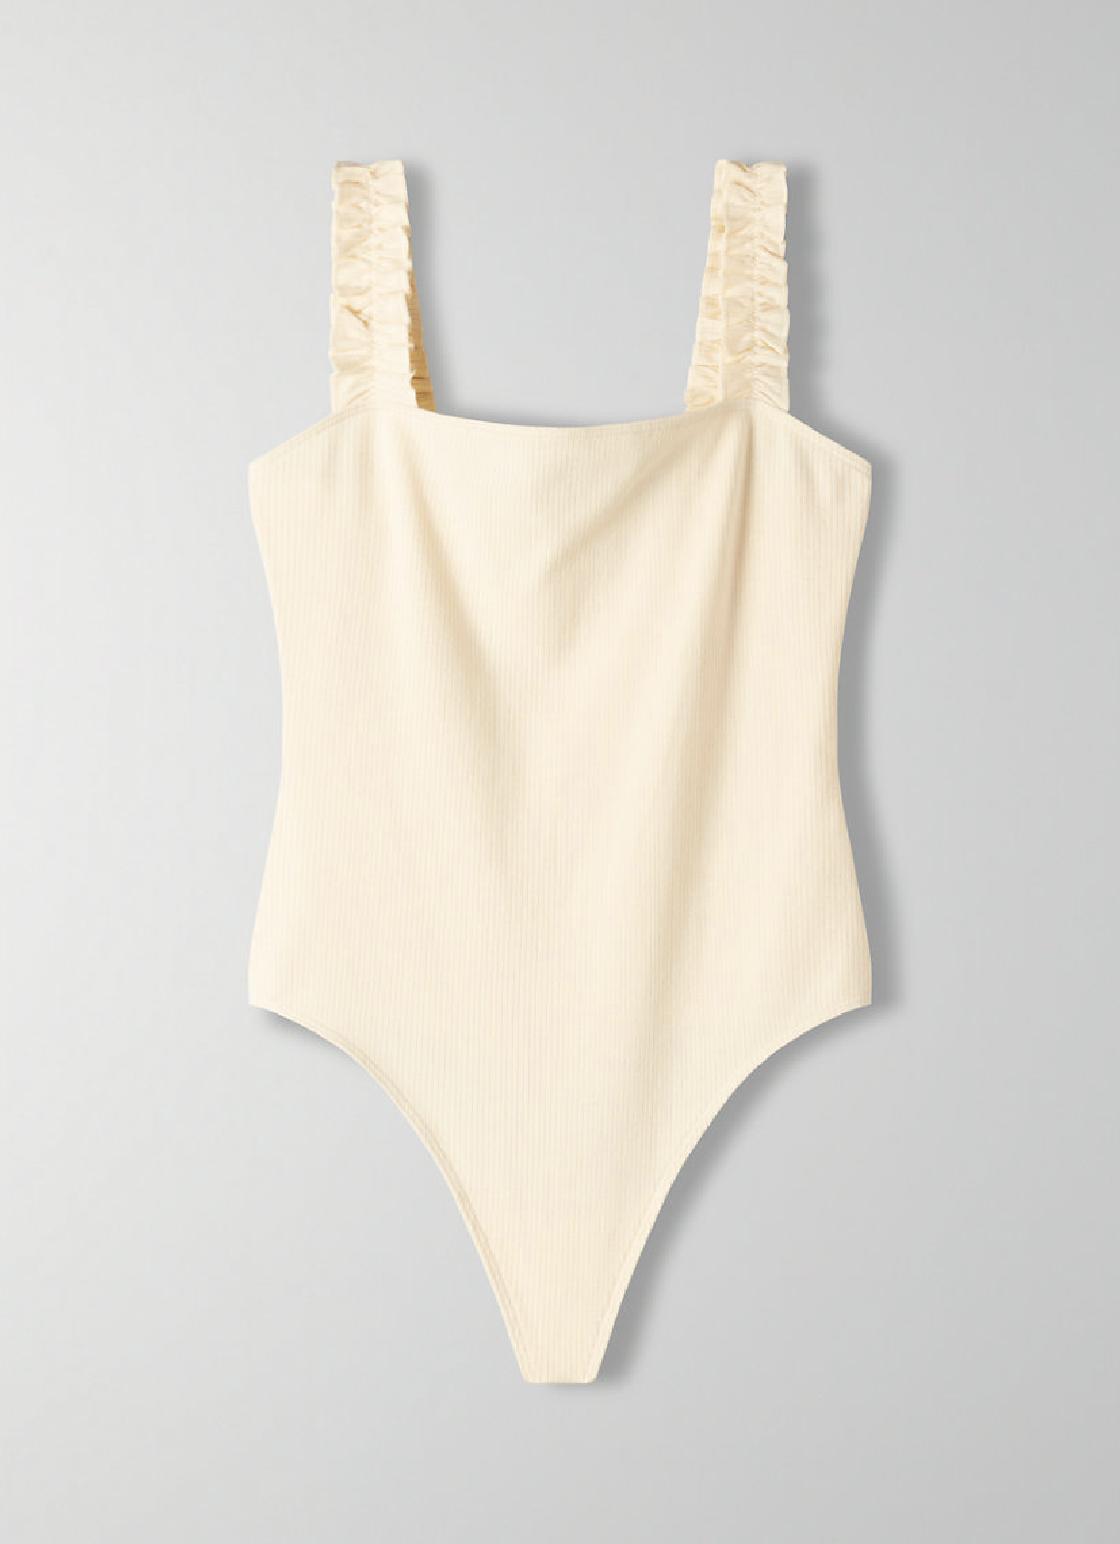 Aritzia sale | Aritzia fashion | Mash Elle fashion blogger | bikini | one piece | bodysuit | Aritzia